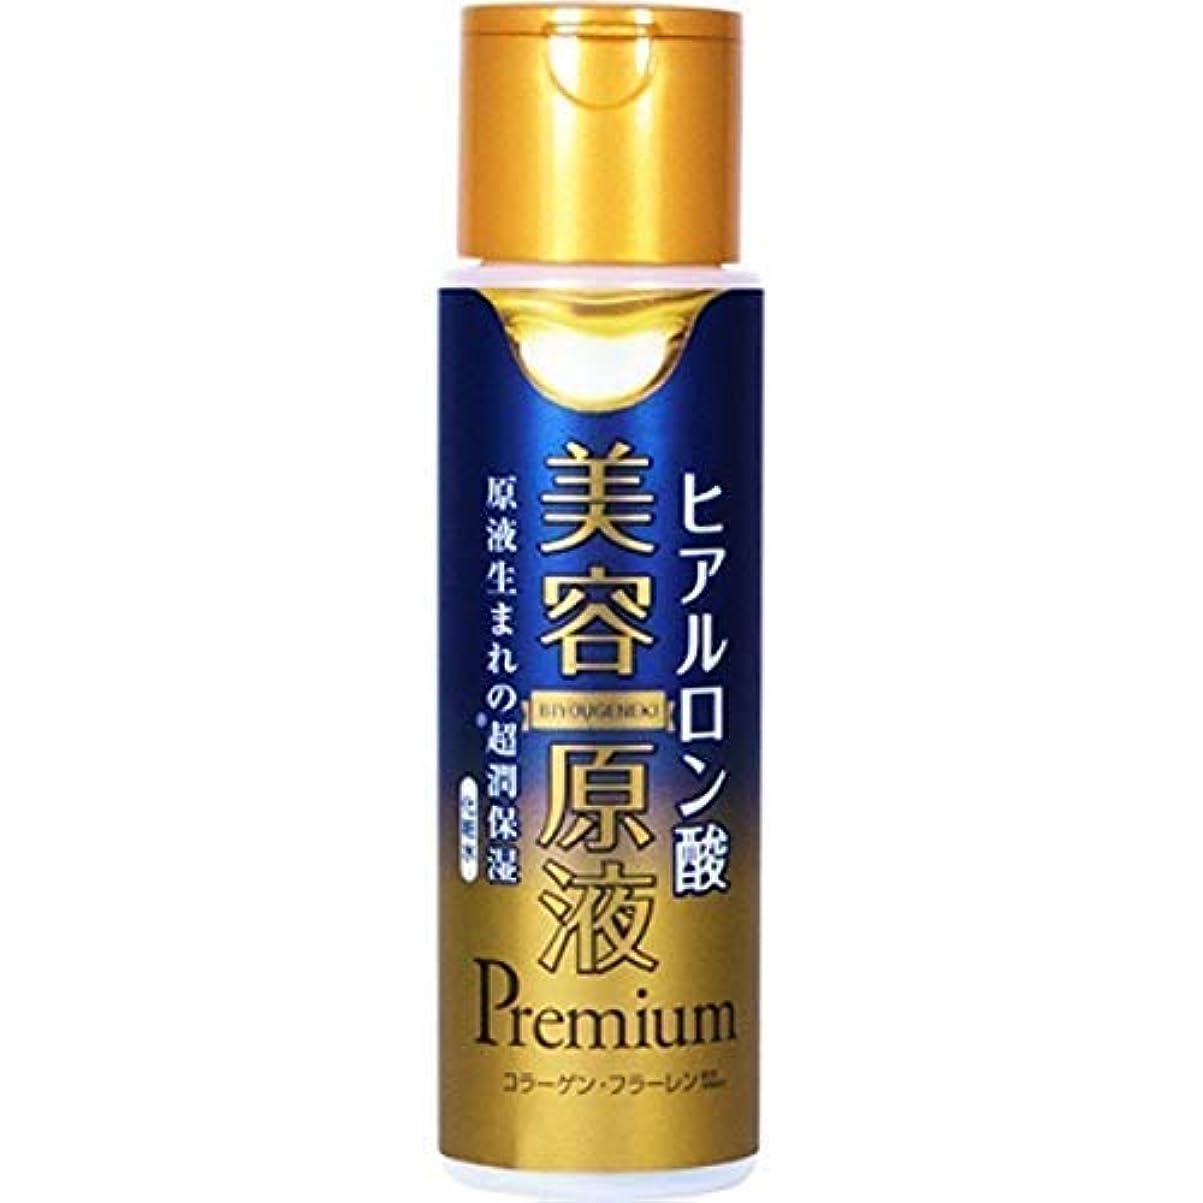 無視できる表面金貸し美容原液 超潤化粧水 コラーゲン&ヒアルロン酸 185mL (化粧水 ローション 高保湿)